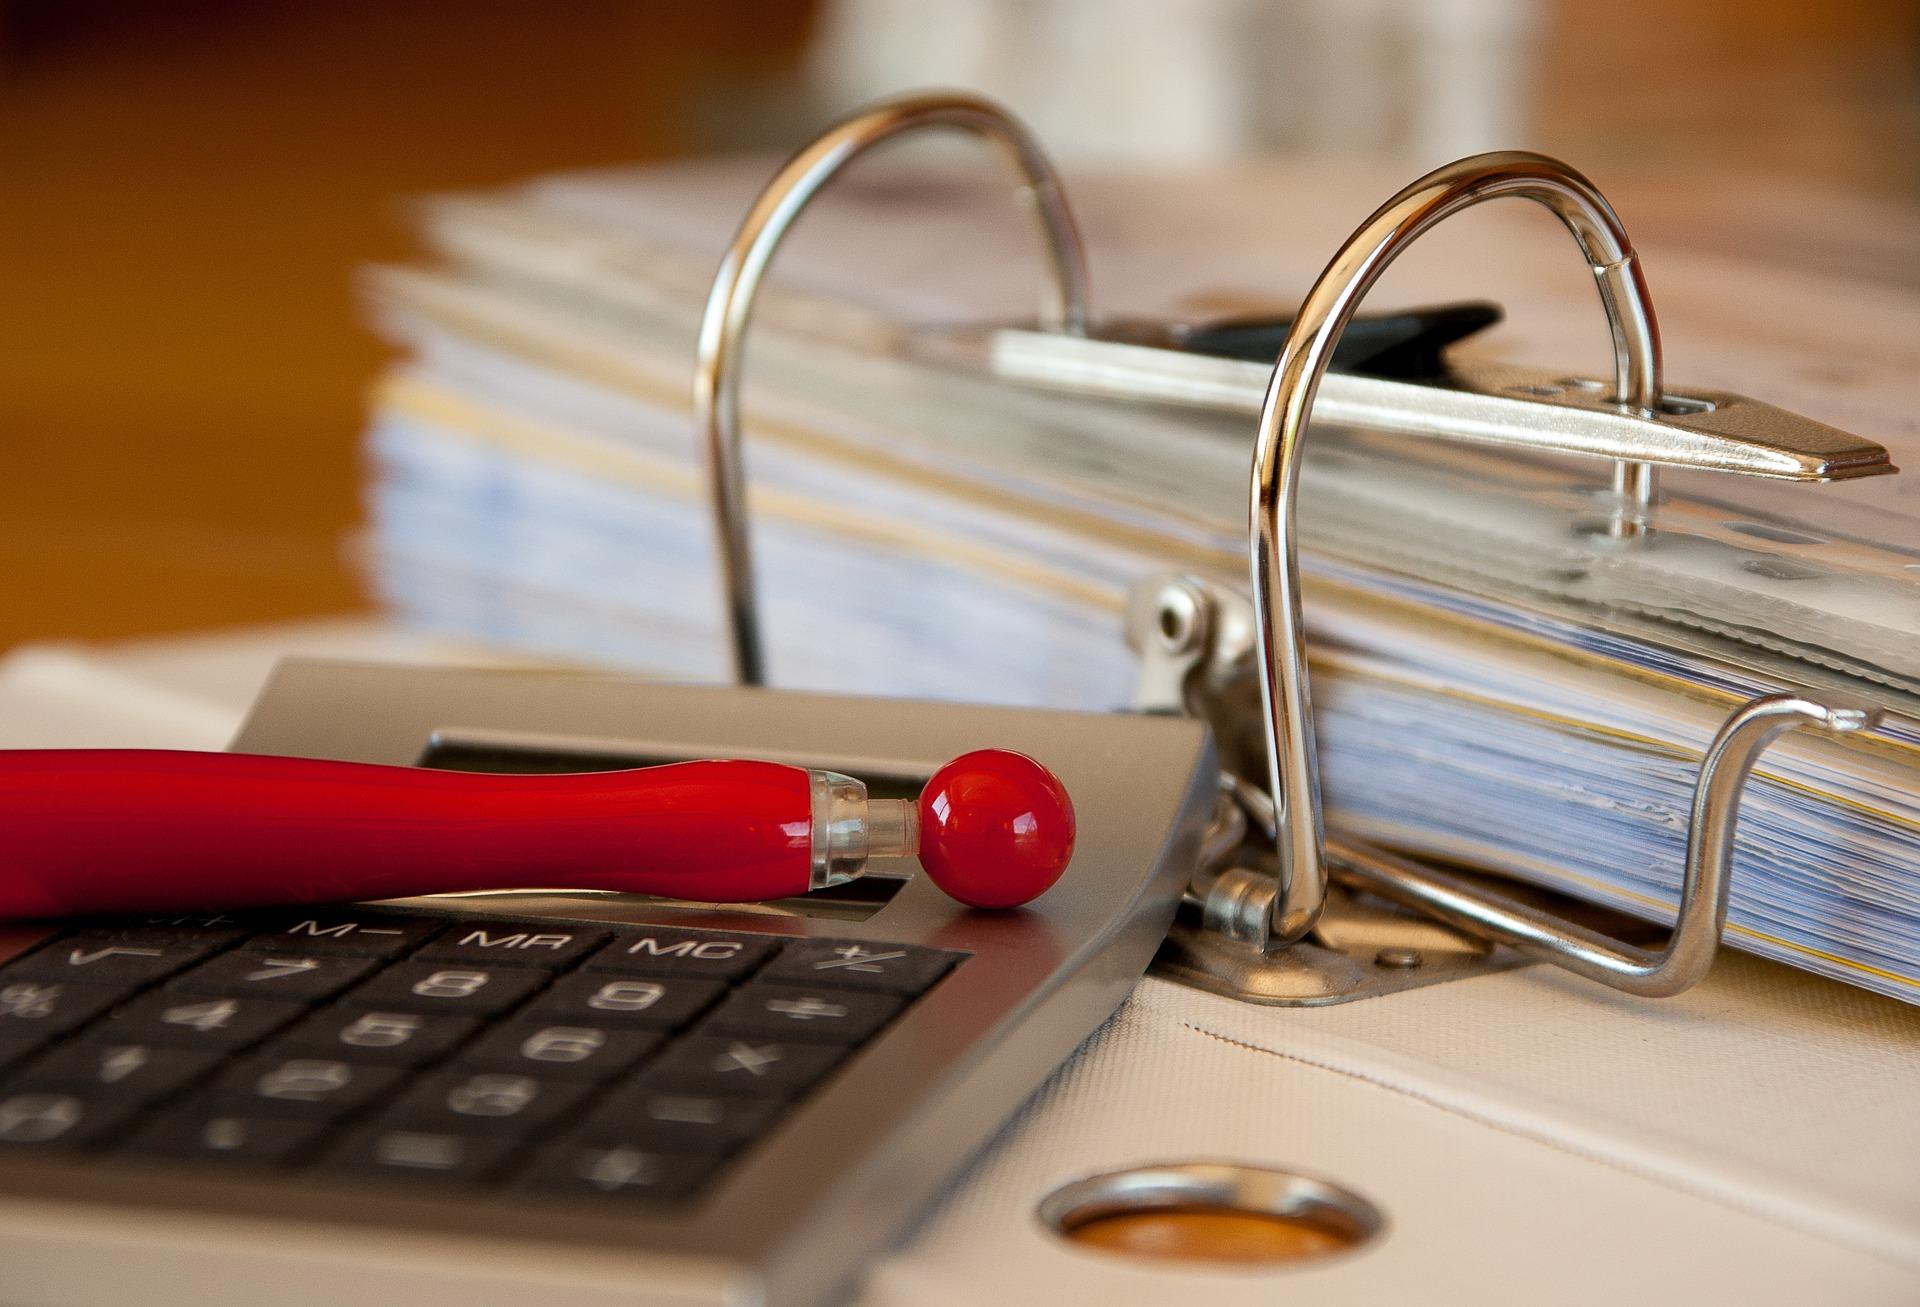 Каменаком - Счетоводни услуги в региона на Нова Загора